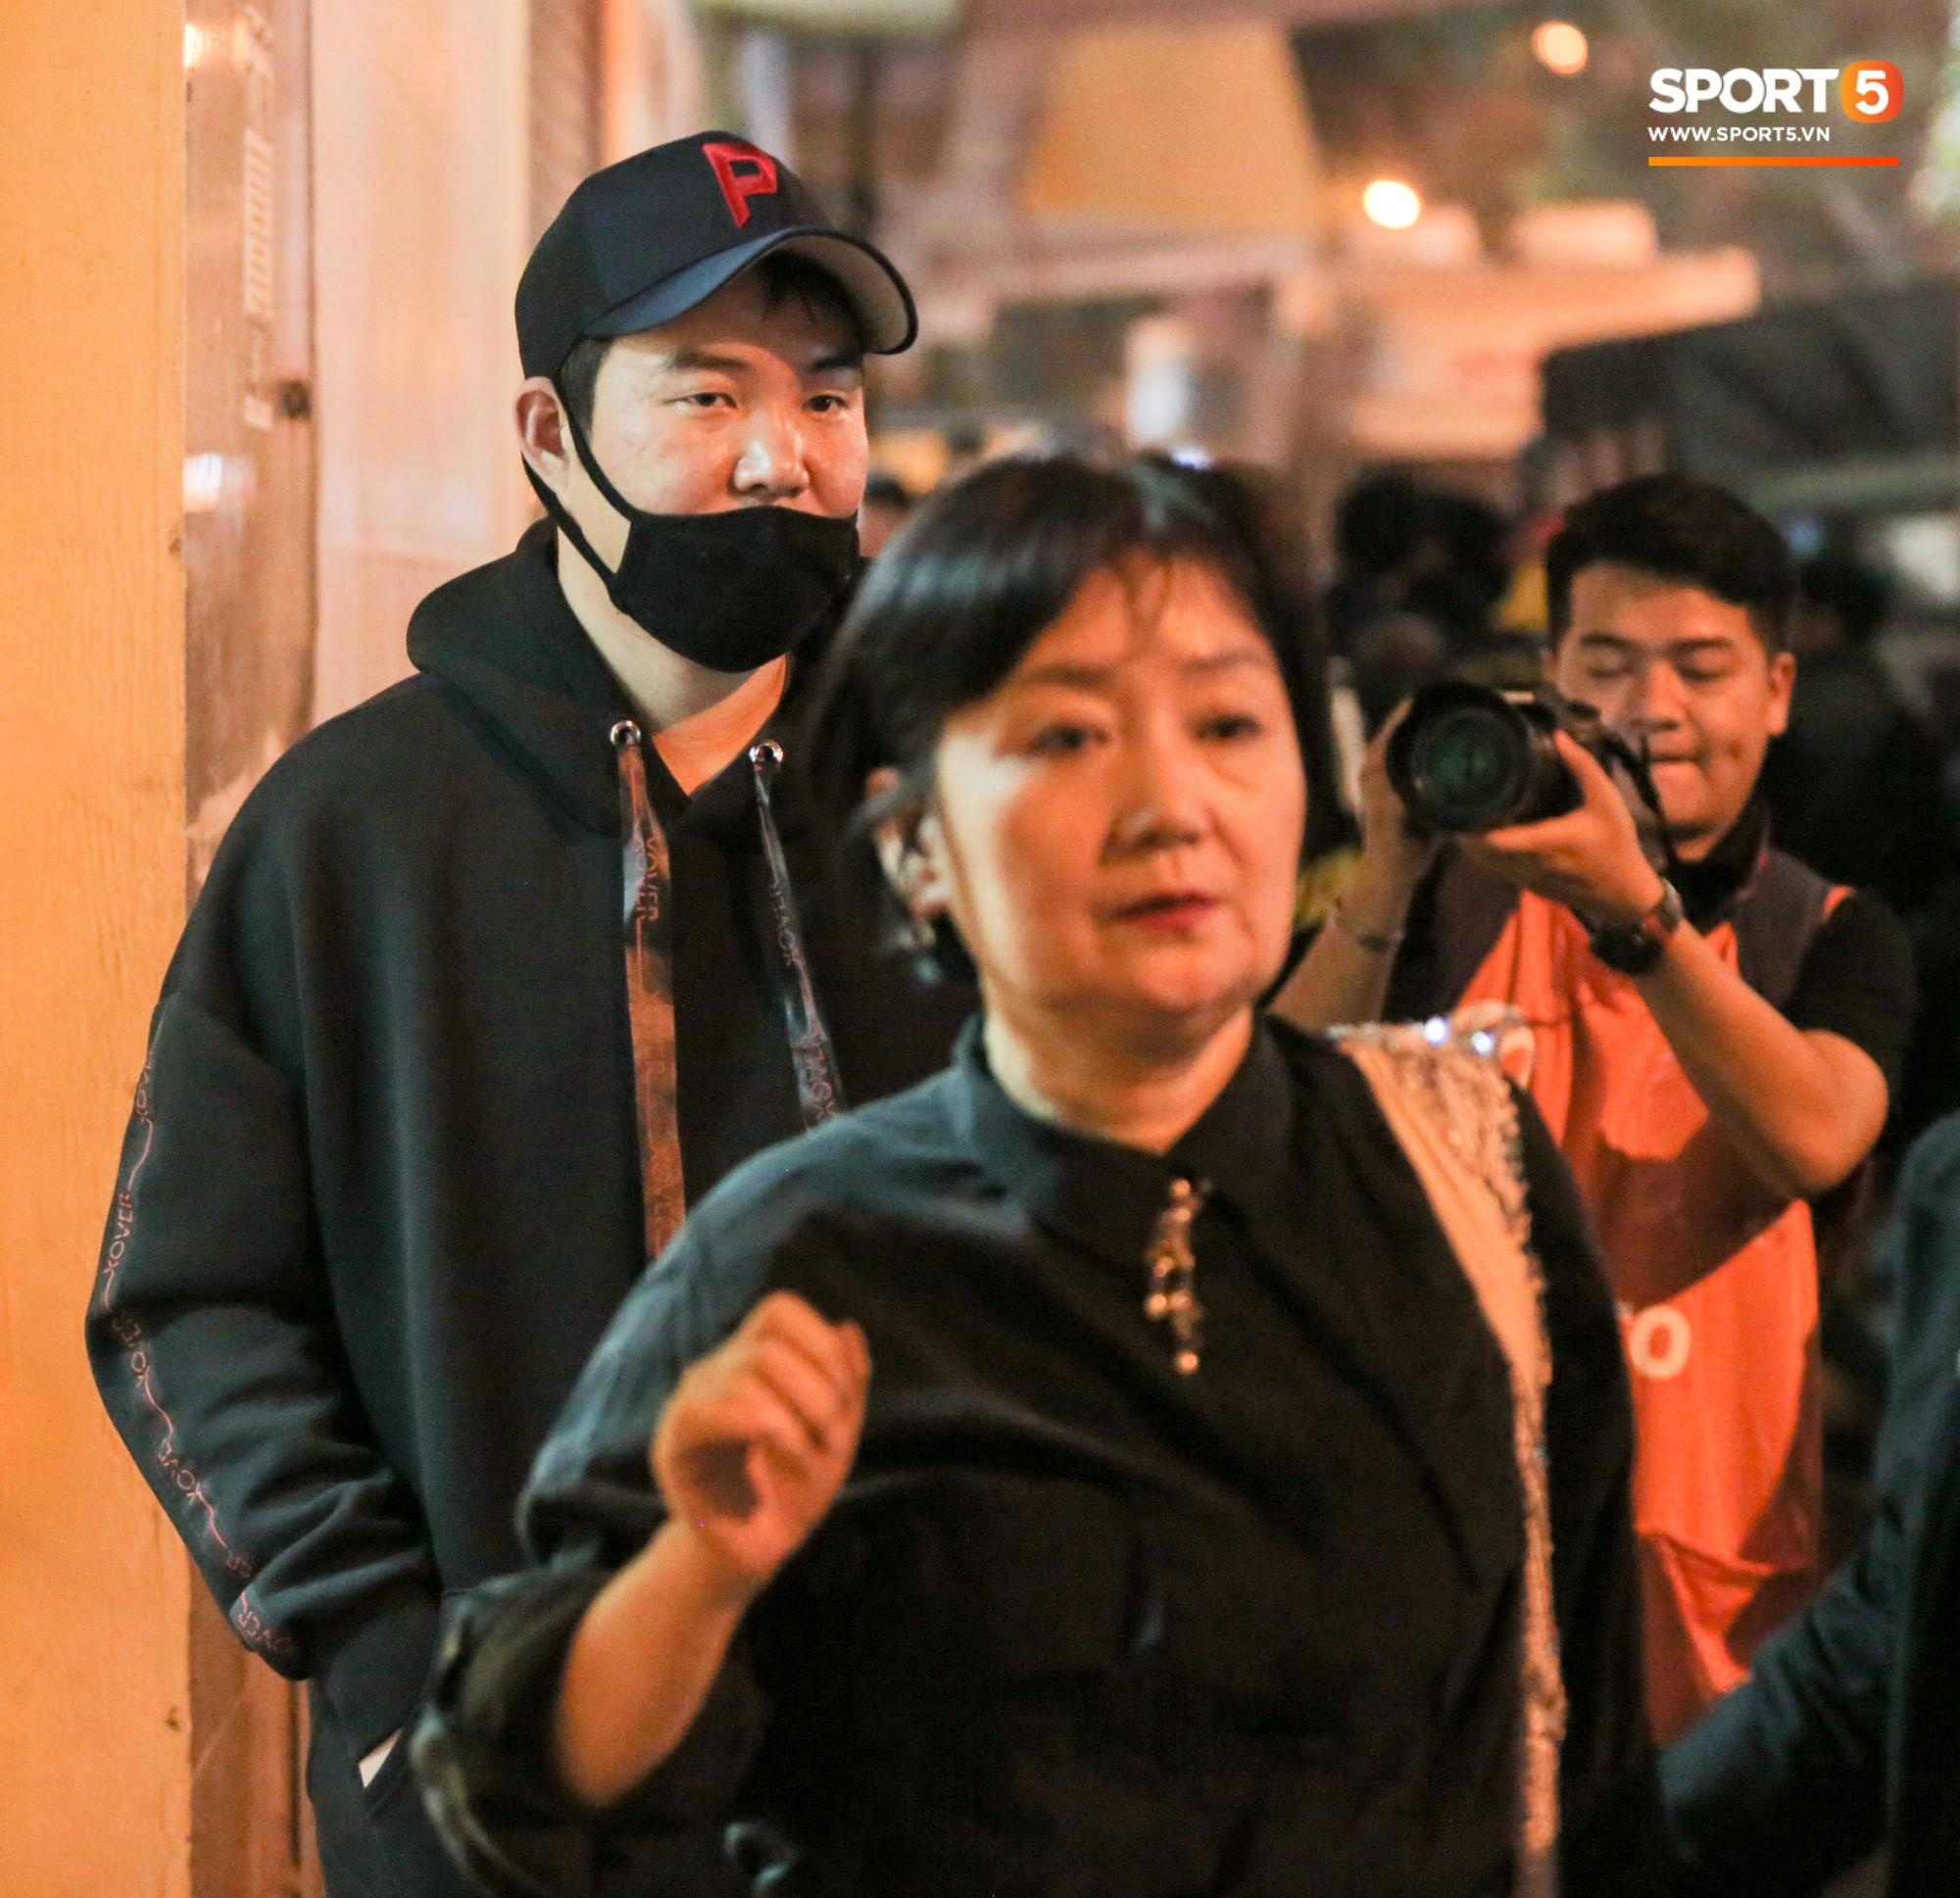 Con trai HLV Park Hang-seo sang Việt Nam và tiết lộ những áp lực không tưởng ở Hàn Quốc - Ảnh 4.